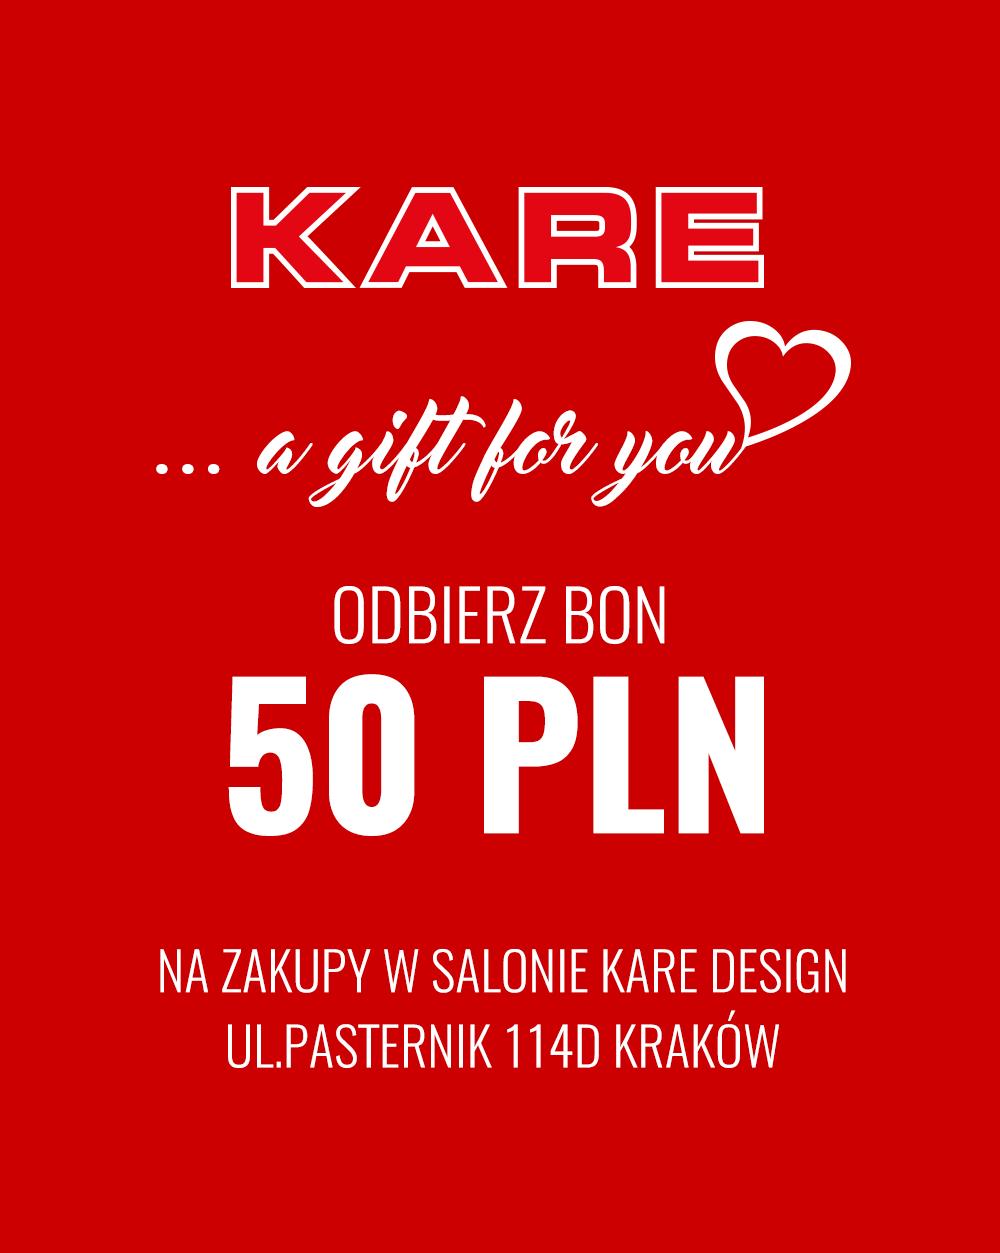 50 zł do salonu KARE w Krakowie (bez MWZ), możliwe darmowe zakupy!